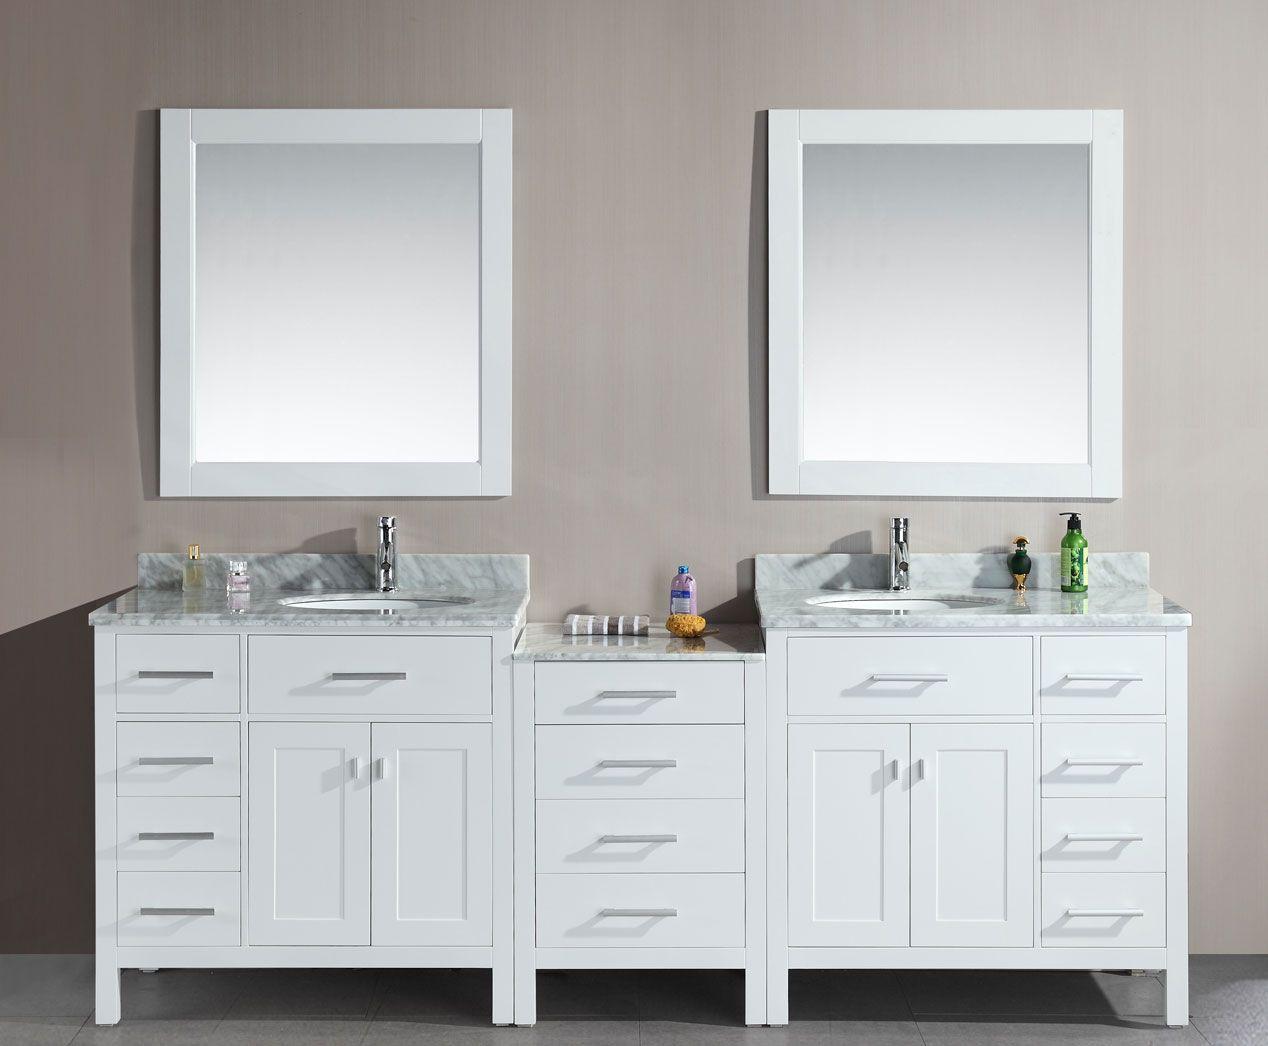 Home Depot Double Vanity For Stylish Bathroom Vanity Decor Home - Double sink bathroom vanity clearance for bathroom decor ideas